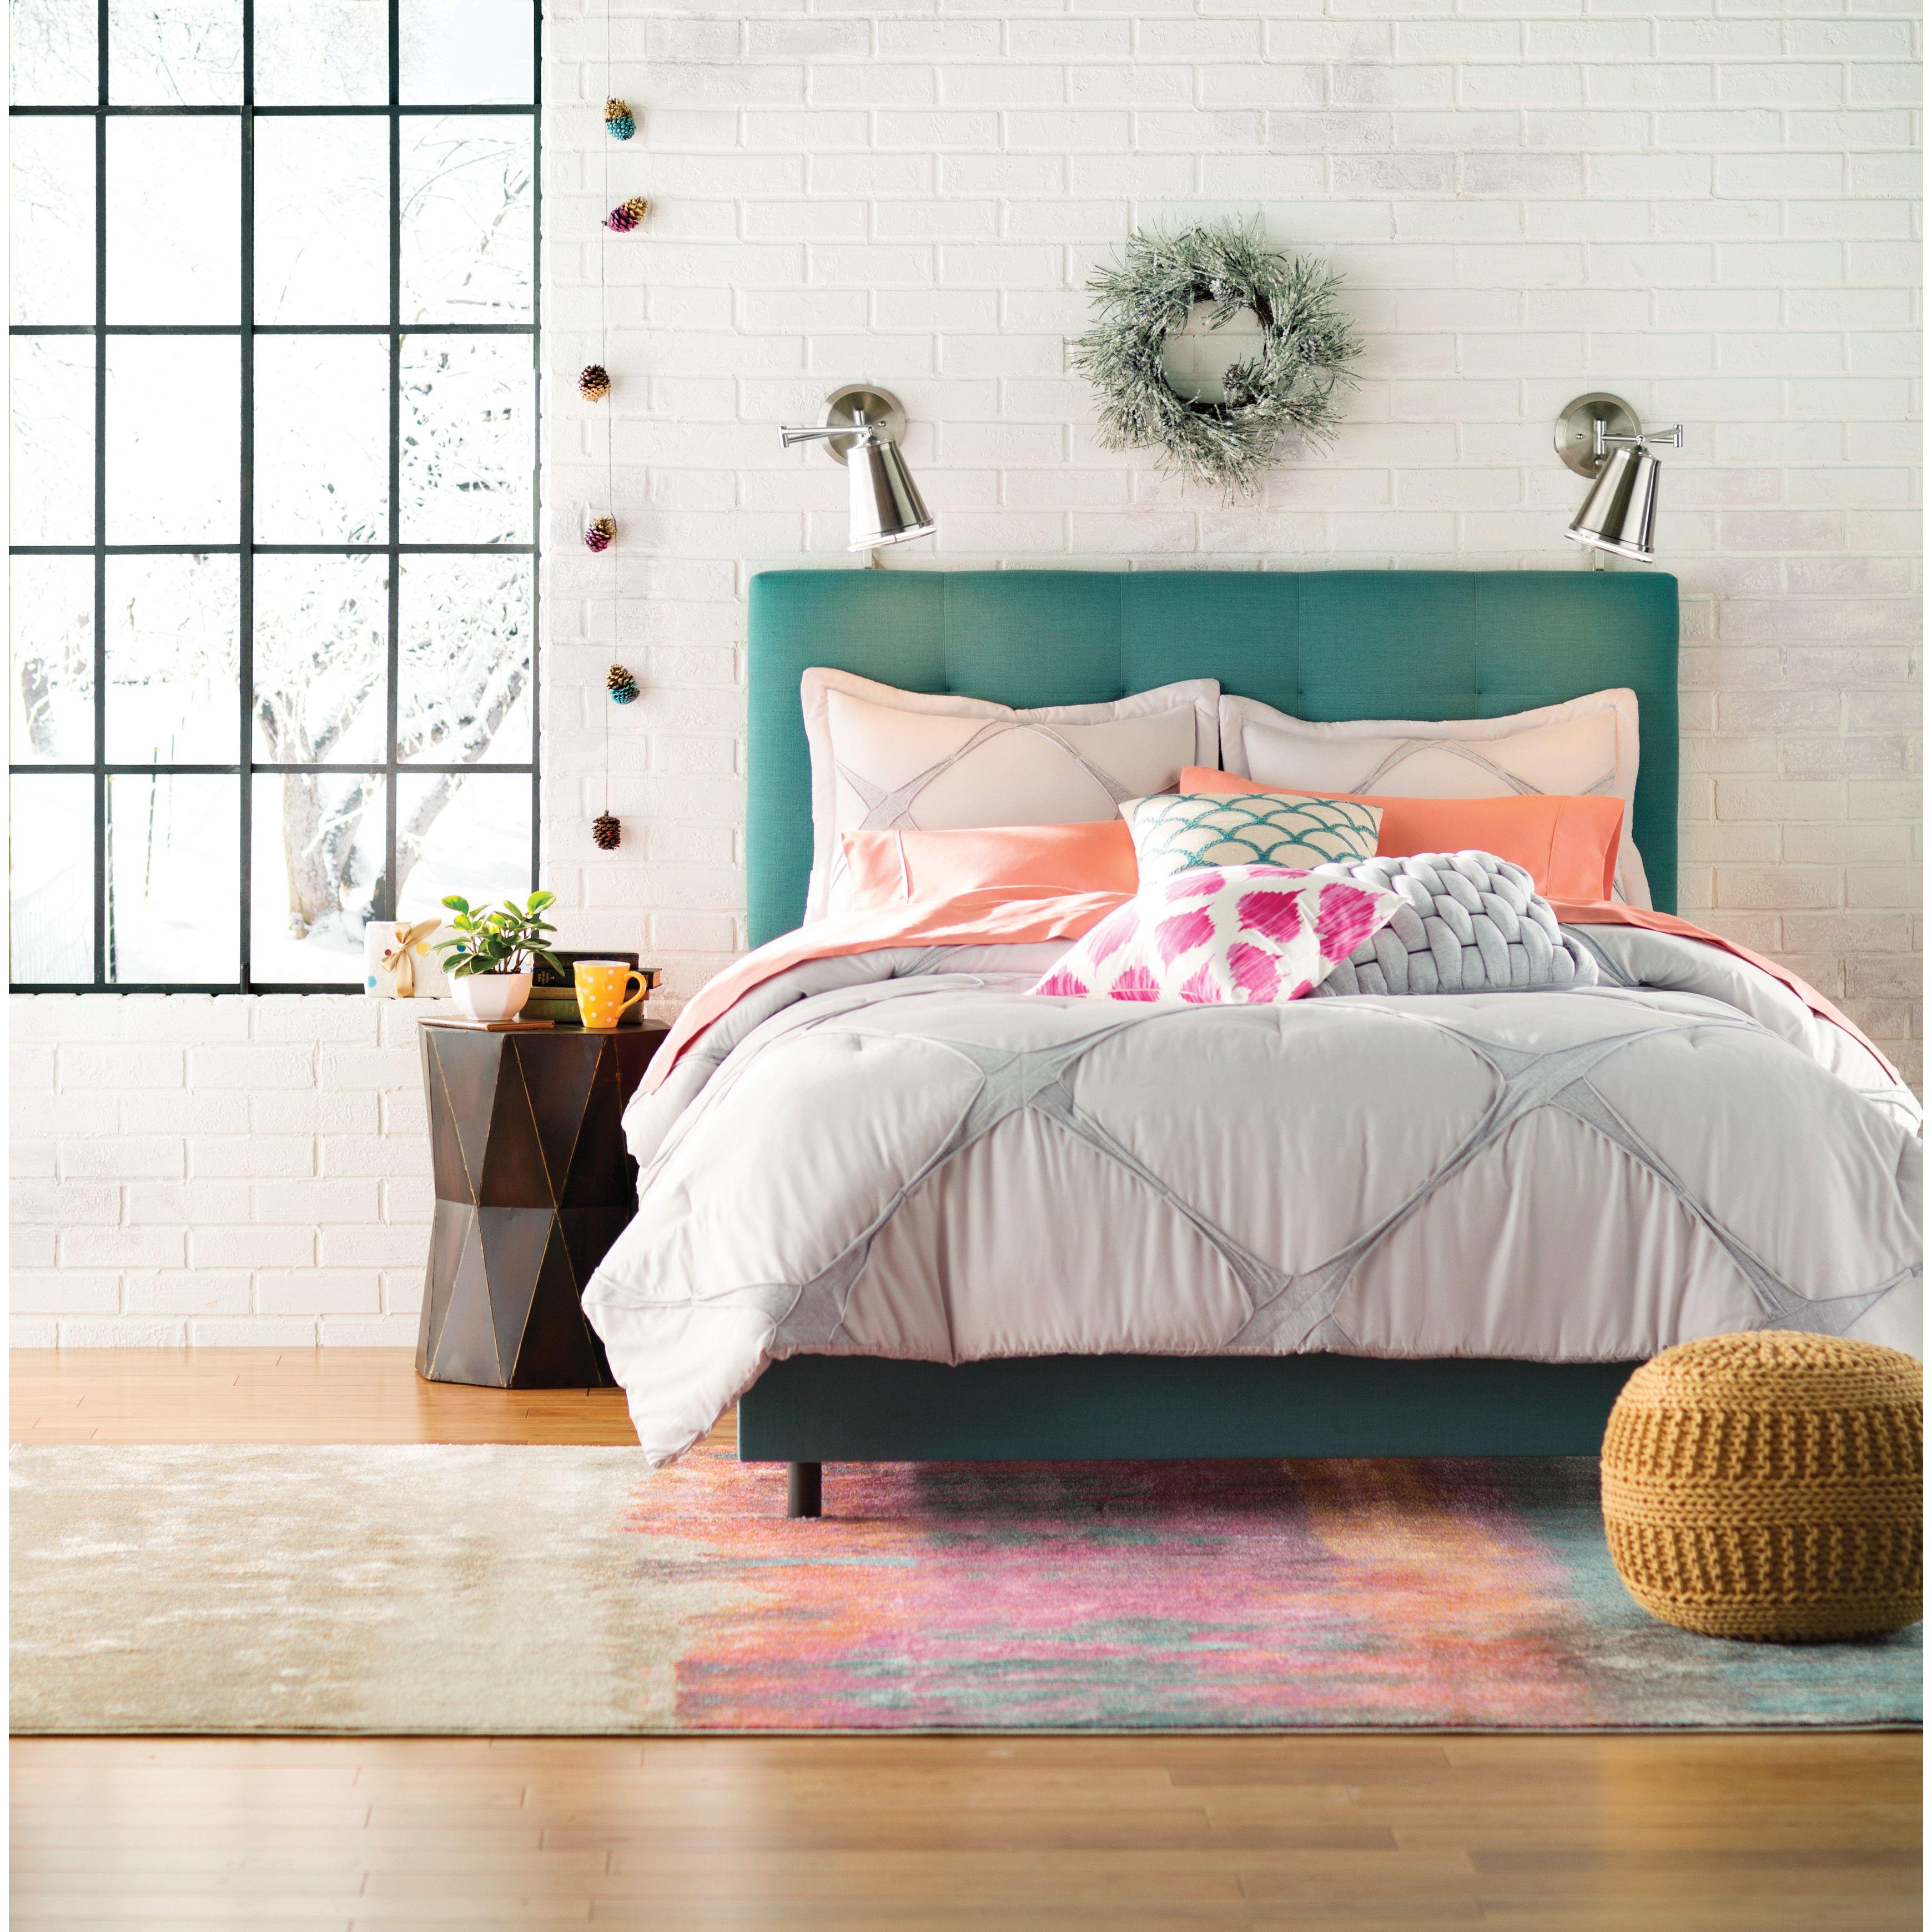 Gloucester Upholstered Standard Bed Home decor, Bedroom